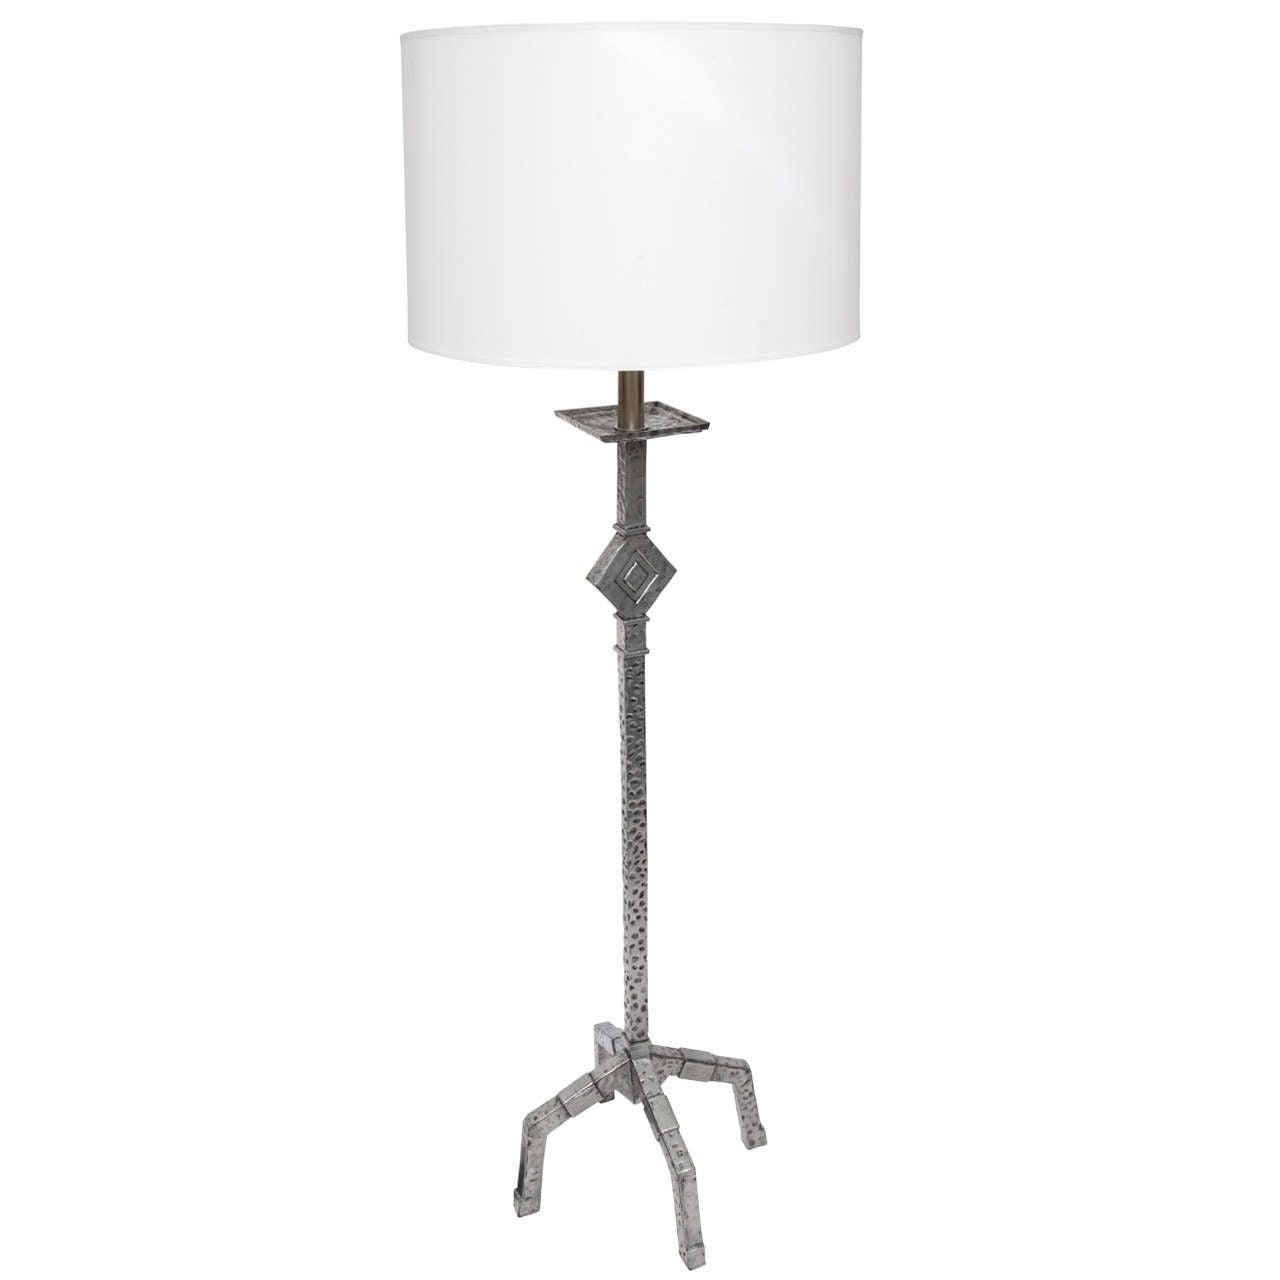 1930s Modernist Floor Lamp For Sale